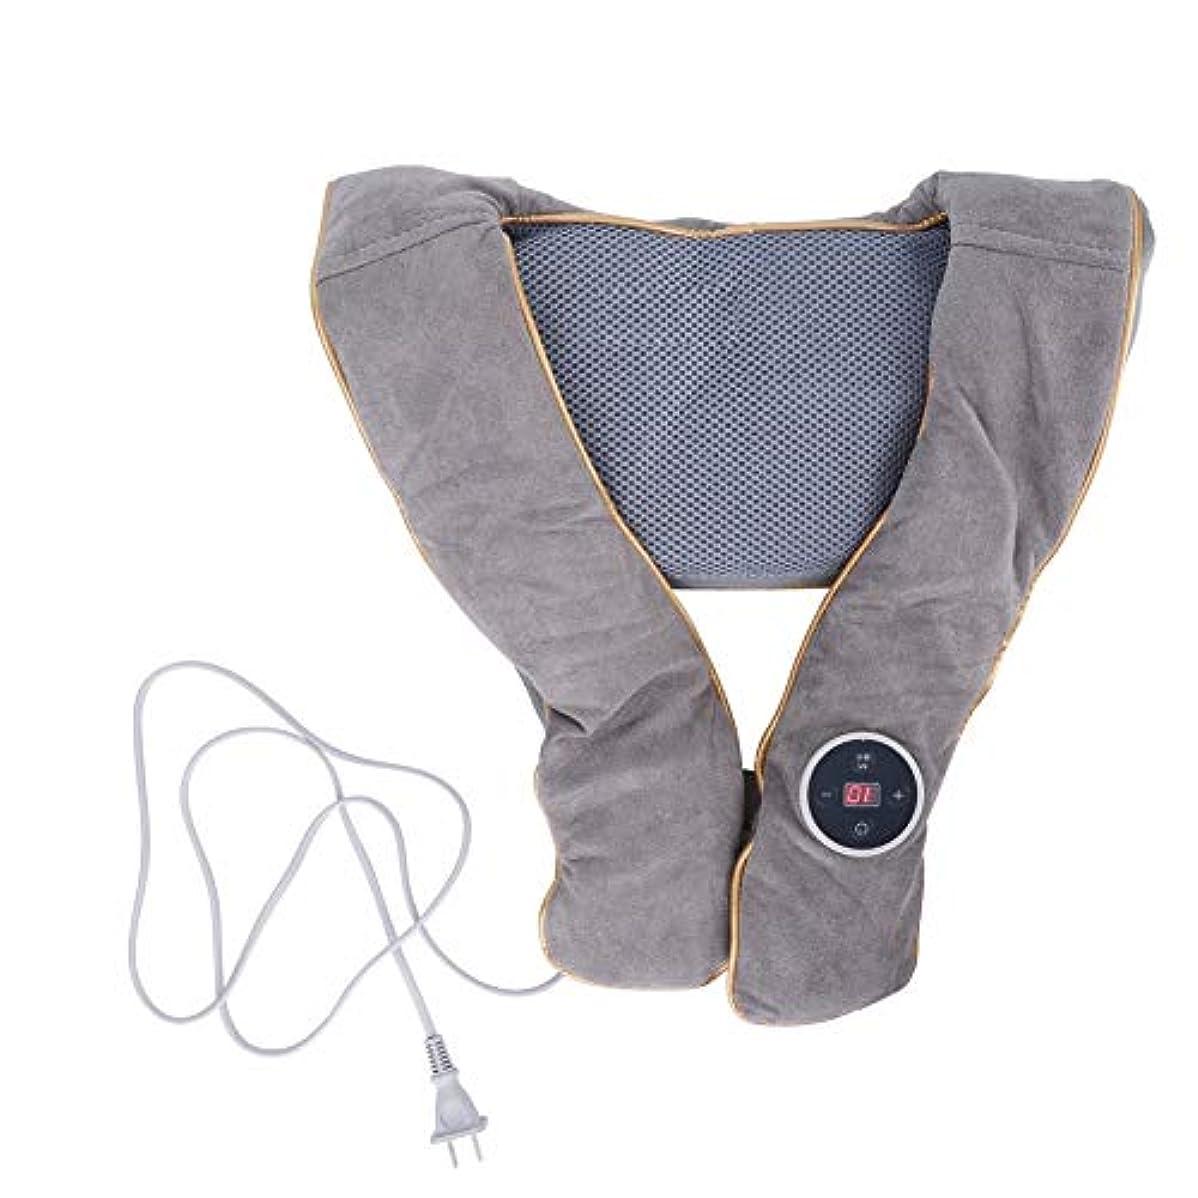 満足できるブラケット混雑首肩マッサージャー枕ショール、加熱指圧バックマッサージ機ディープニーディングティッシュマッサージ用筋肉痛テンションケア